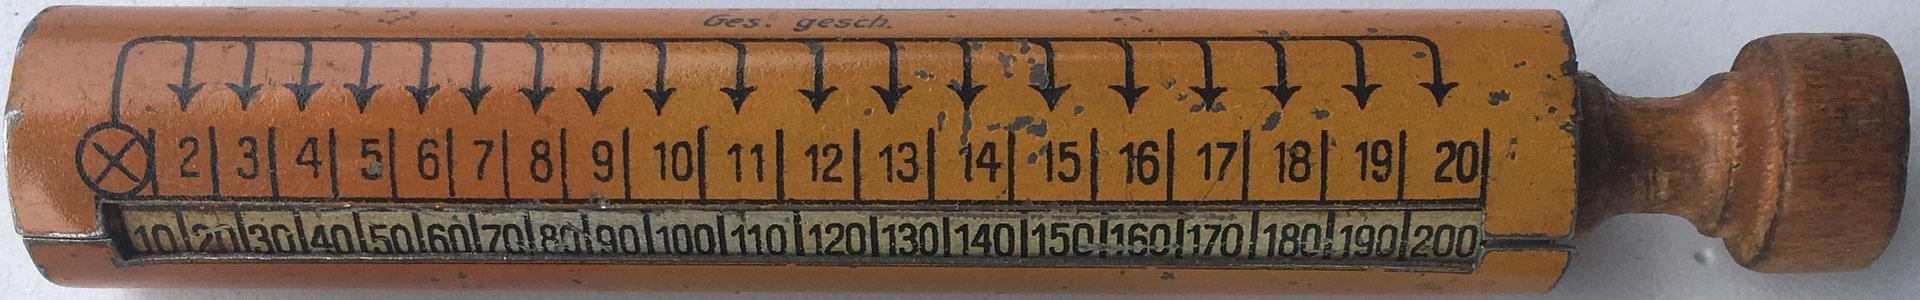 Multiplicador MULTIFIX, fabricado en Alemania, 11 cm largo x 1,5 cm diámetro